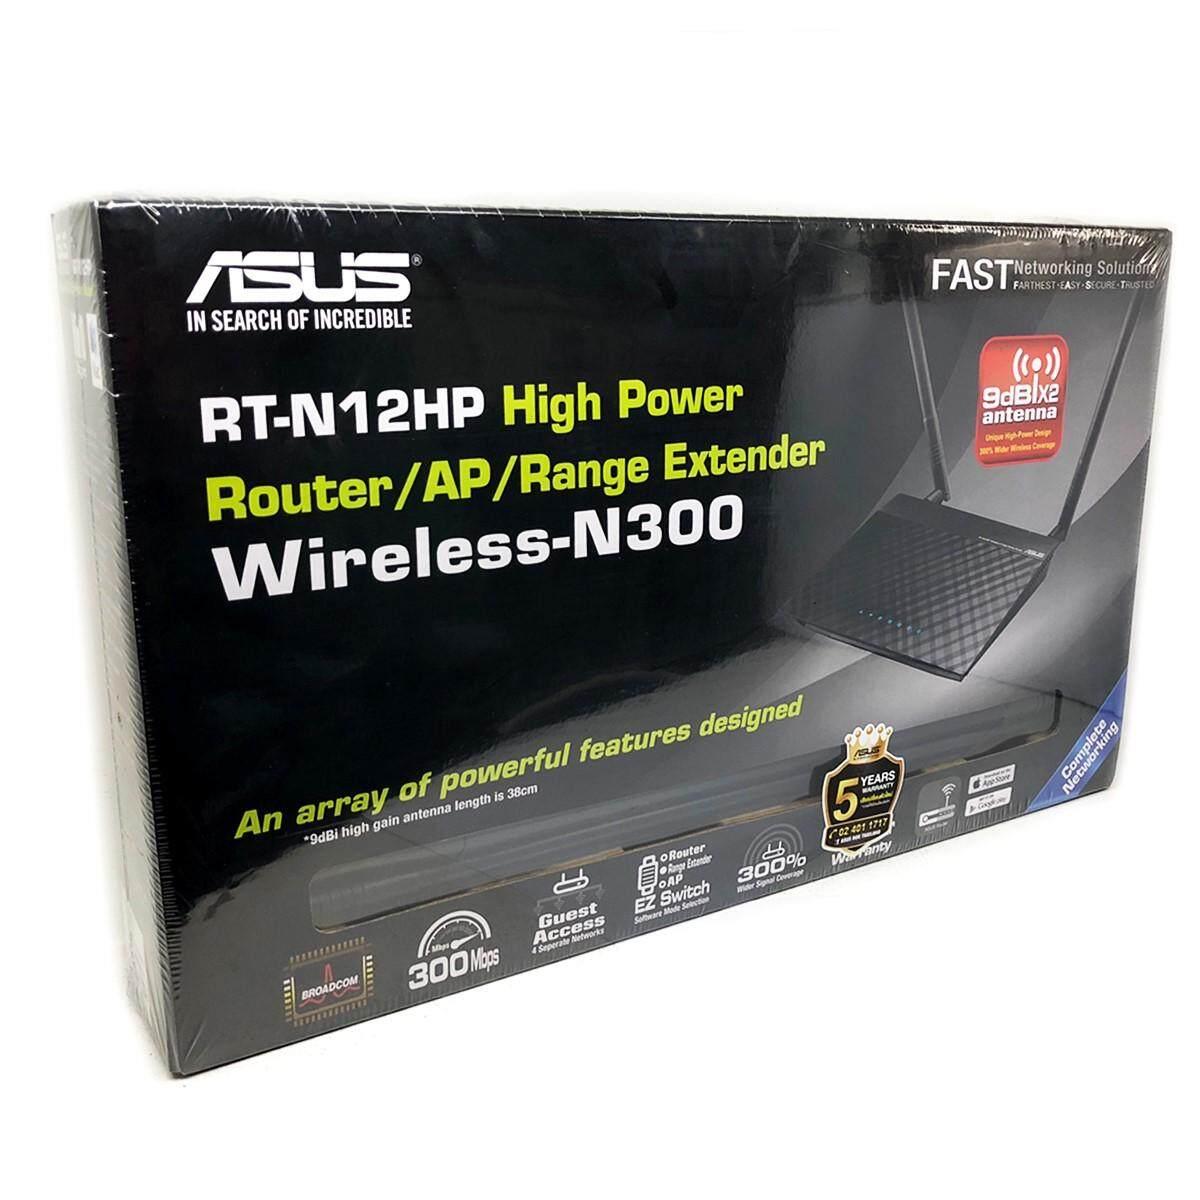 ลดสุดๆ ASUS RT-N12HP ของแท้ๆ ประกันศูนย์ไทย5ปี ส่งโดย KERRY EXPRESS High Power Wireless-N300 Router/AP/Range Extender